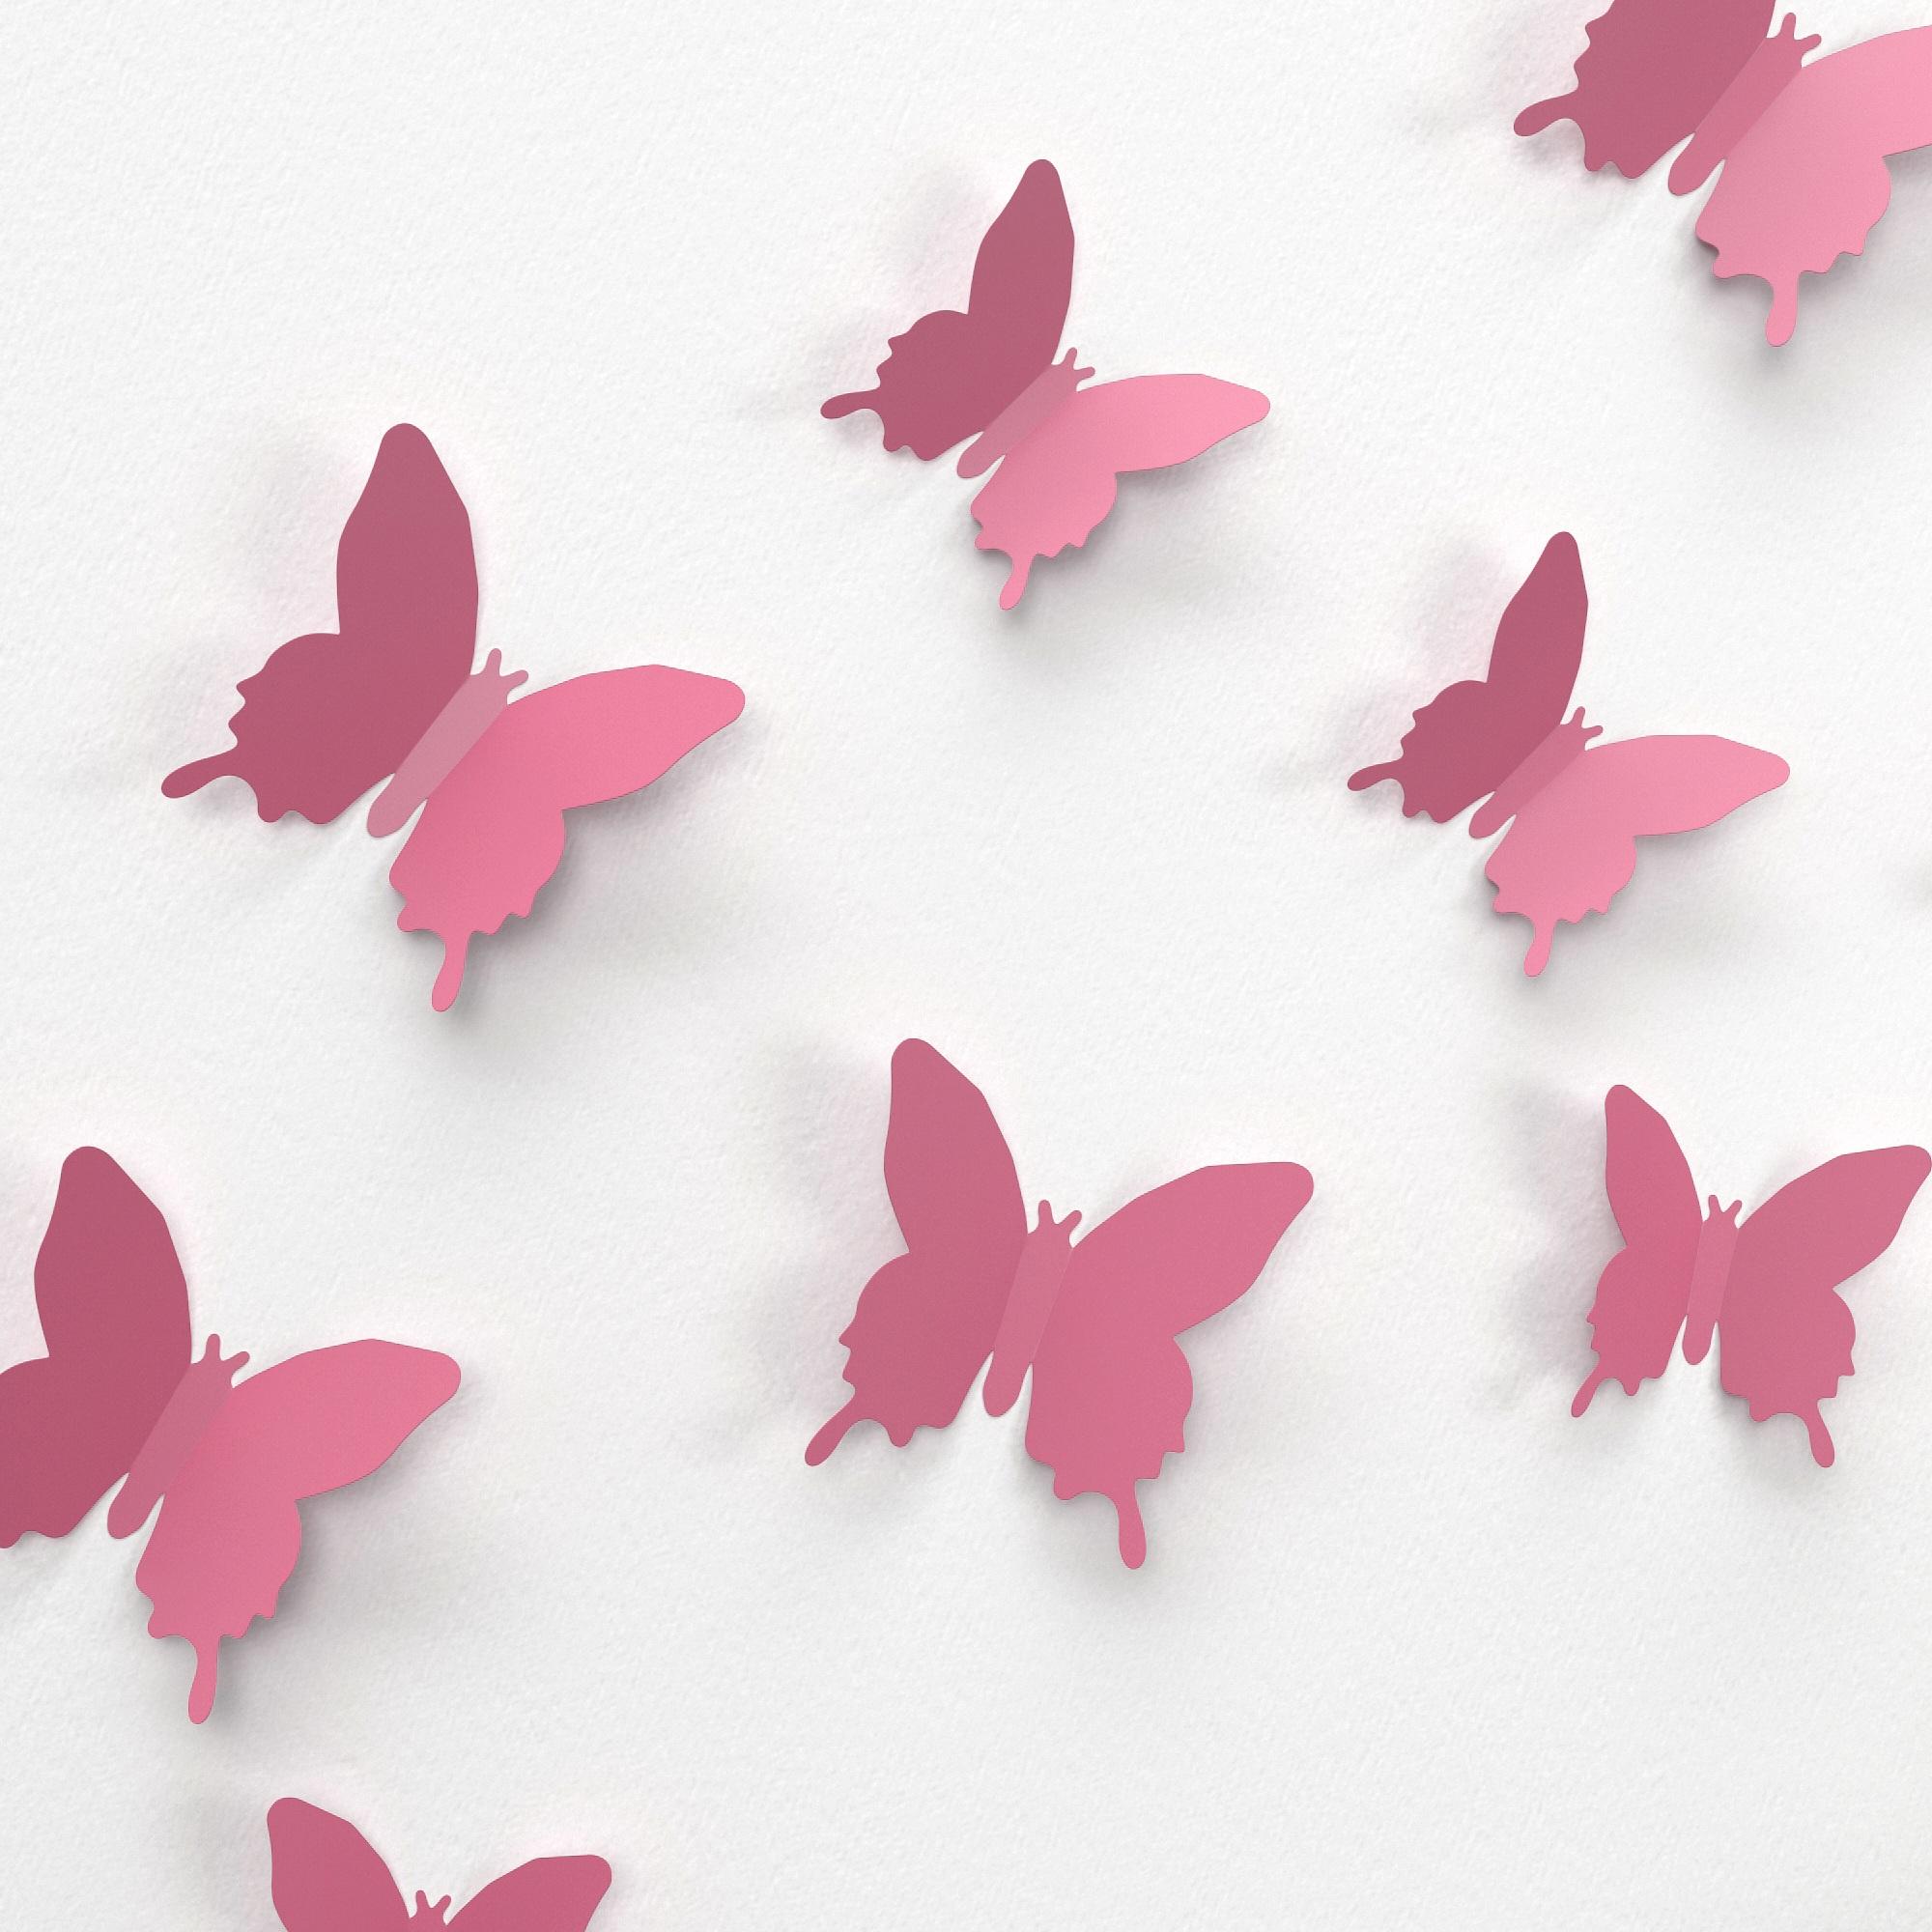 Бабочки для декора своими руками : из бумаги, объемные, трафареты 80